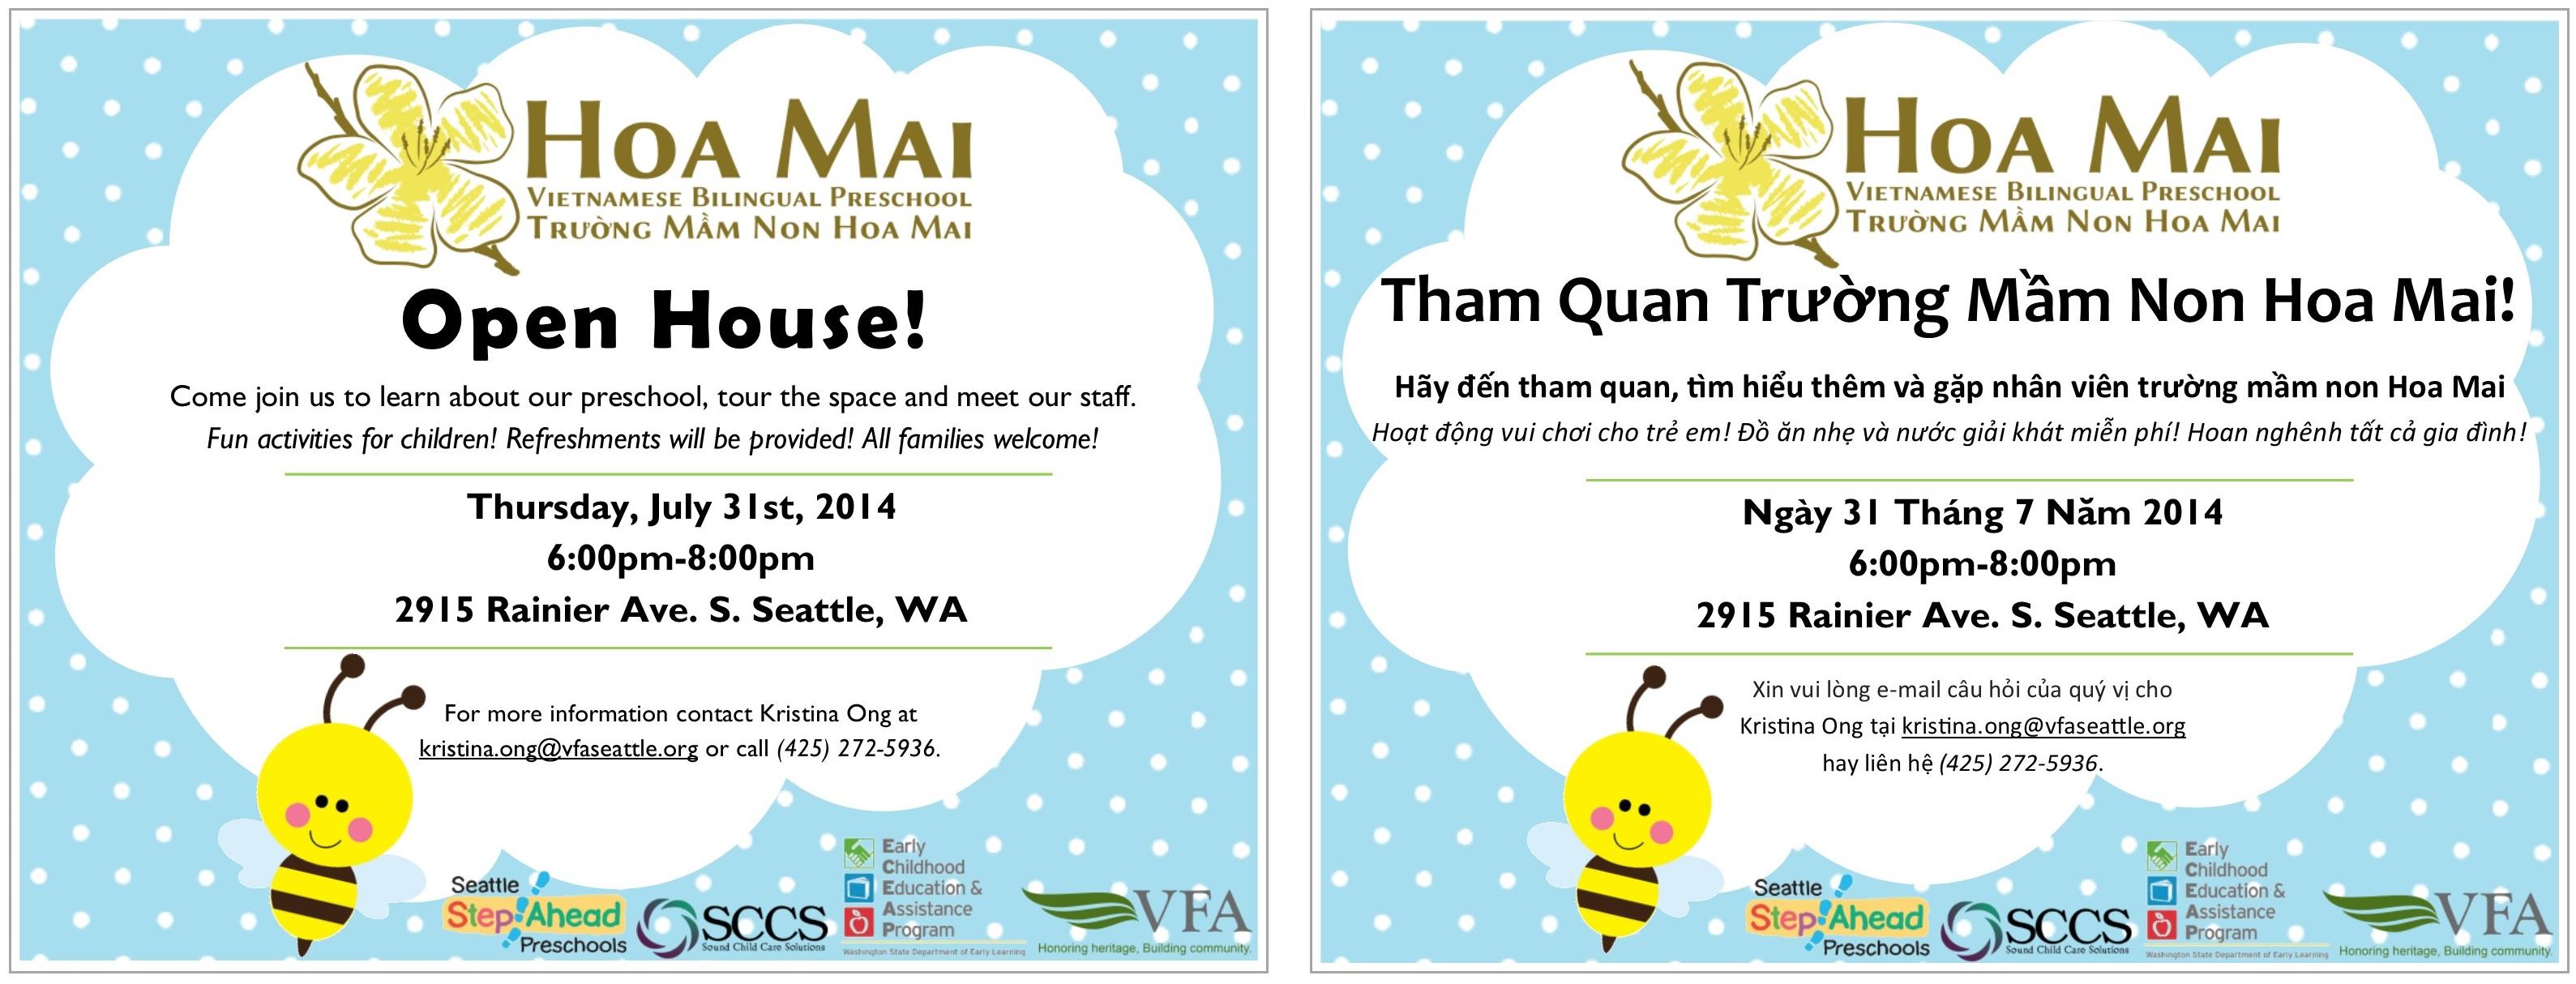 Hoa Mai Open House Party Thursday, July 31, 2014! | Hoa Mai Vietnamese Bilingual Preschool